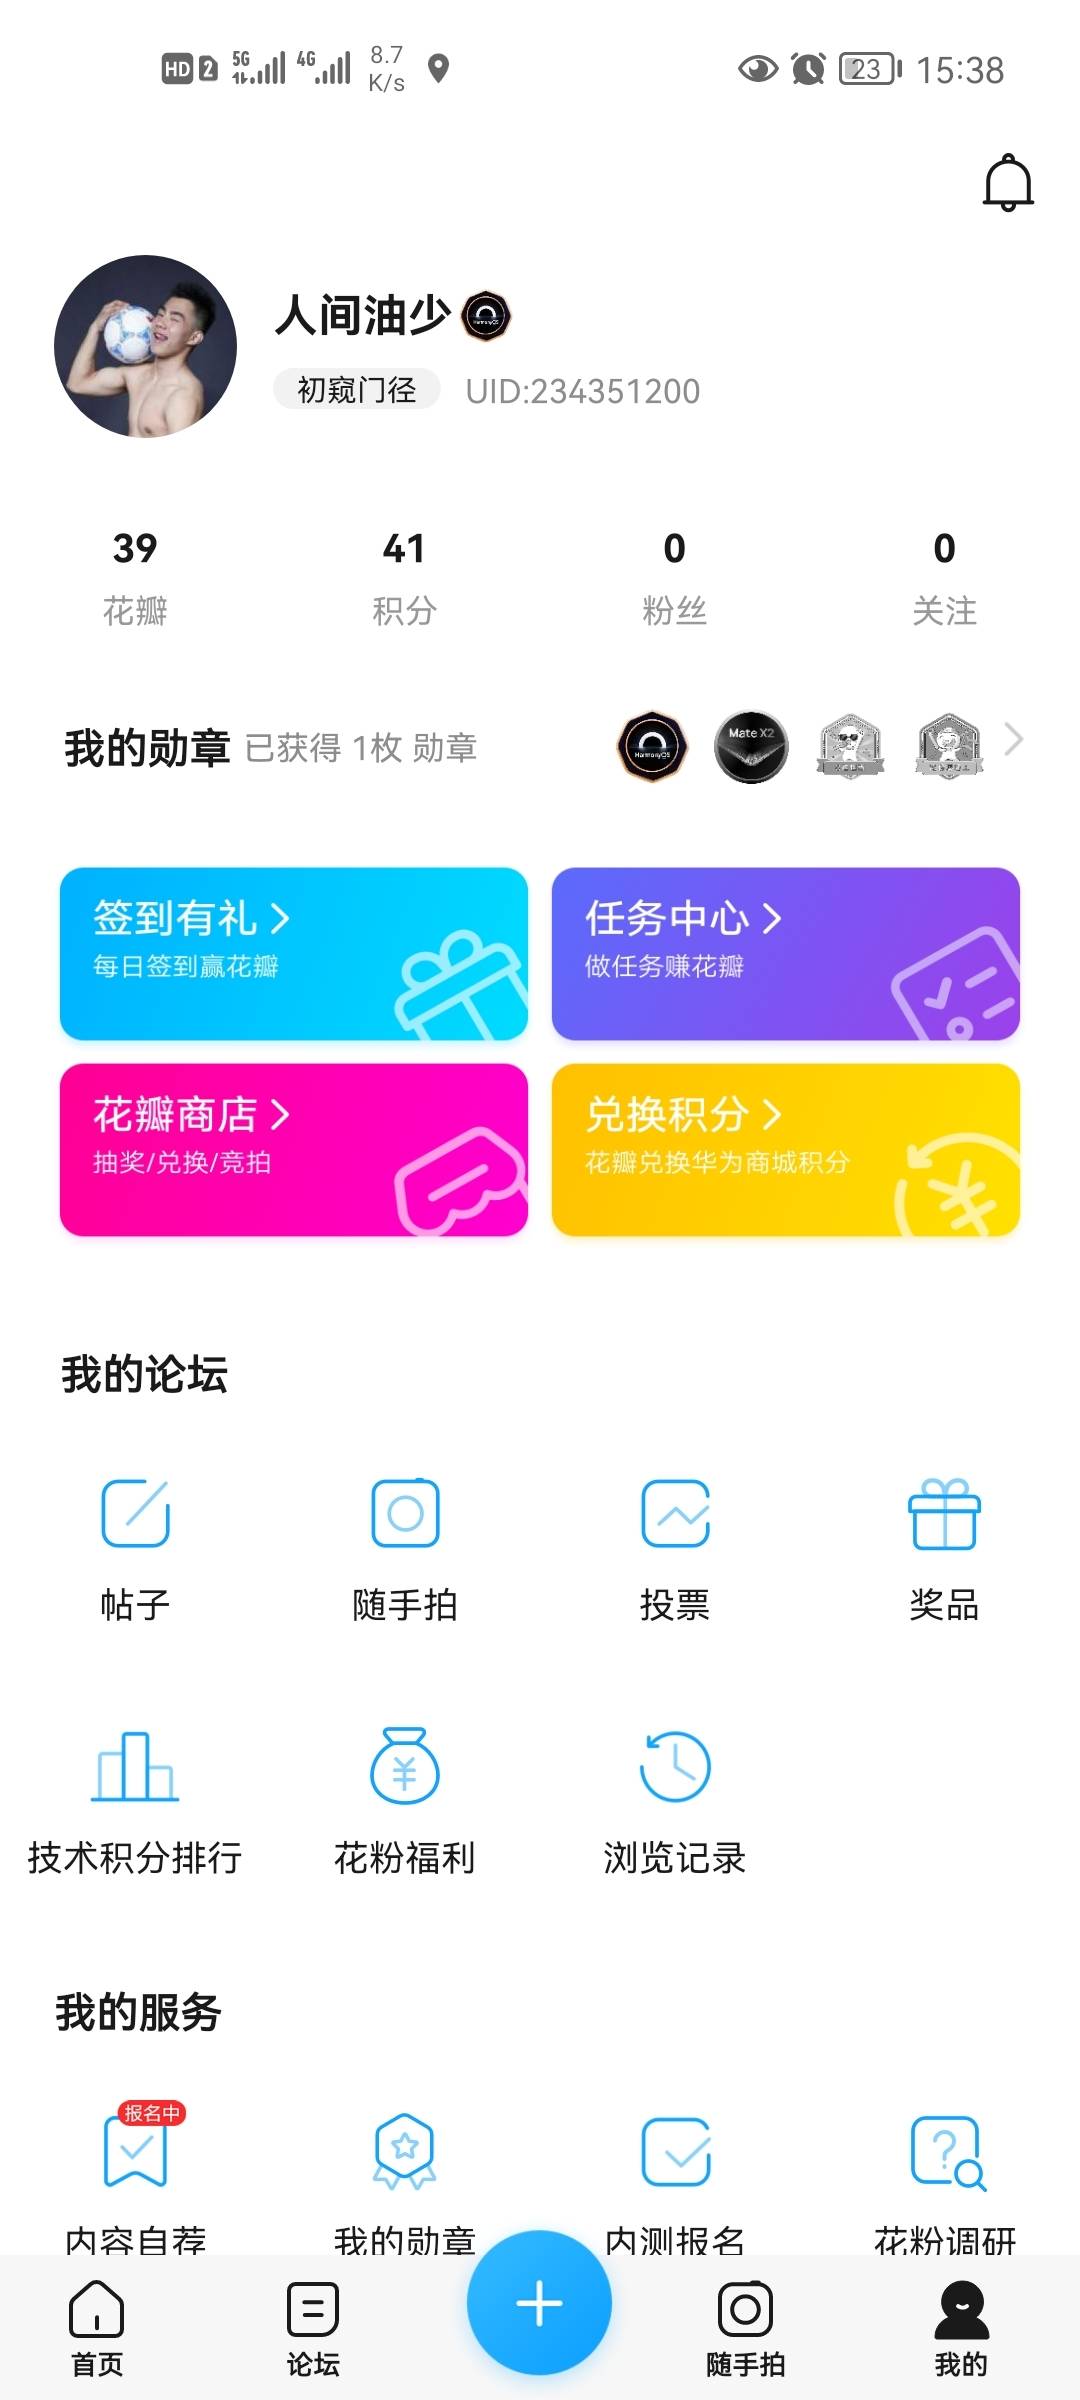 Screenshot_20210611_153808_com.huawei.fans.jpg